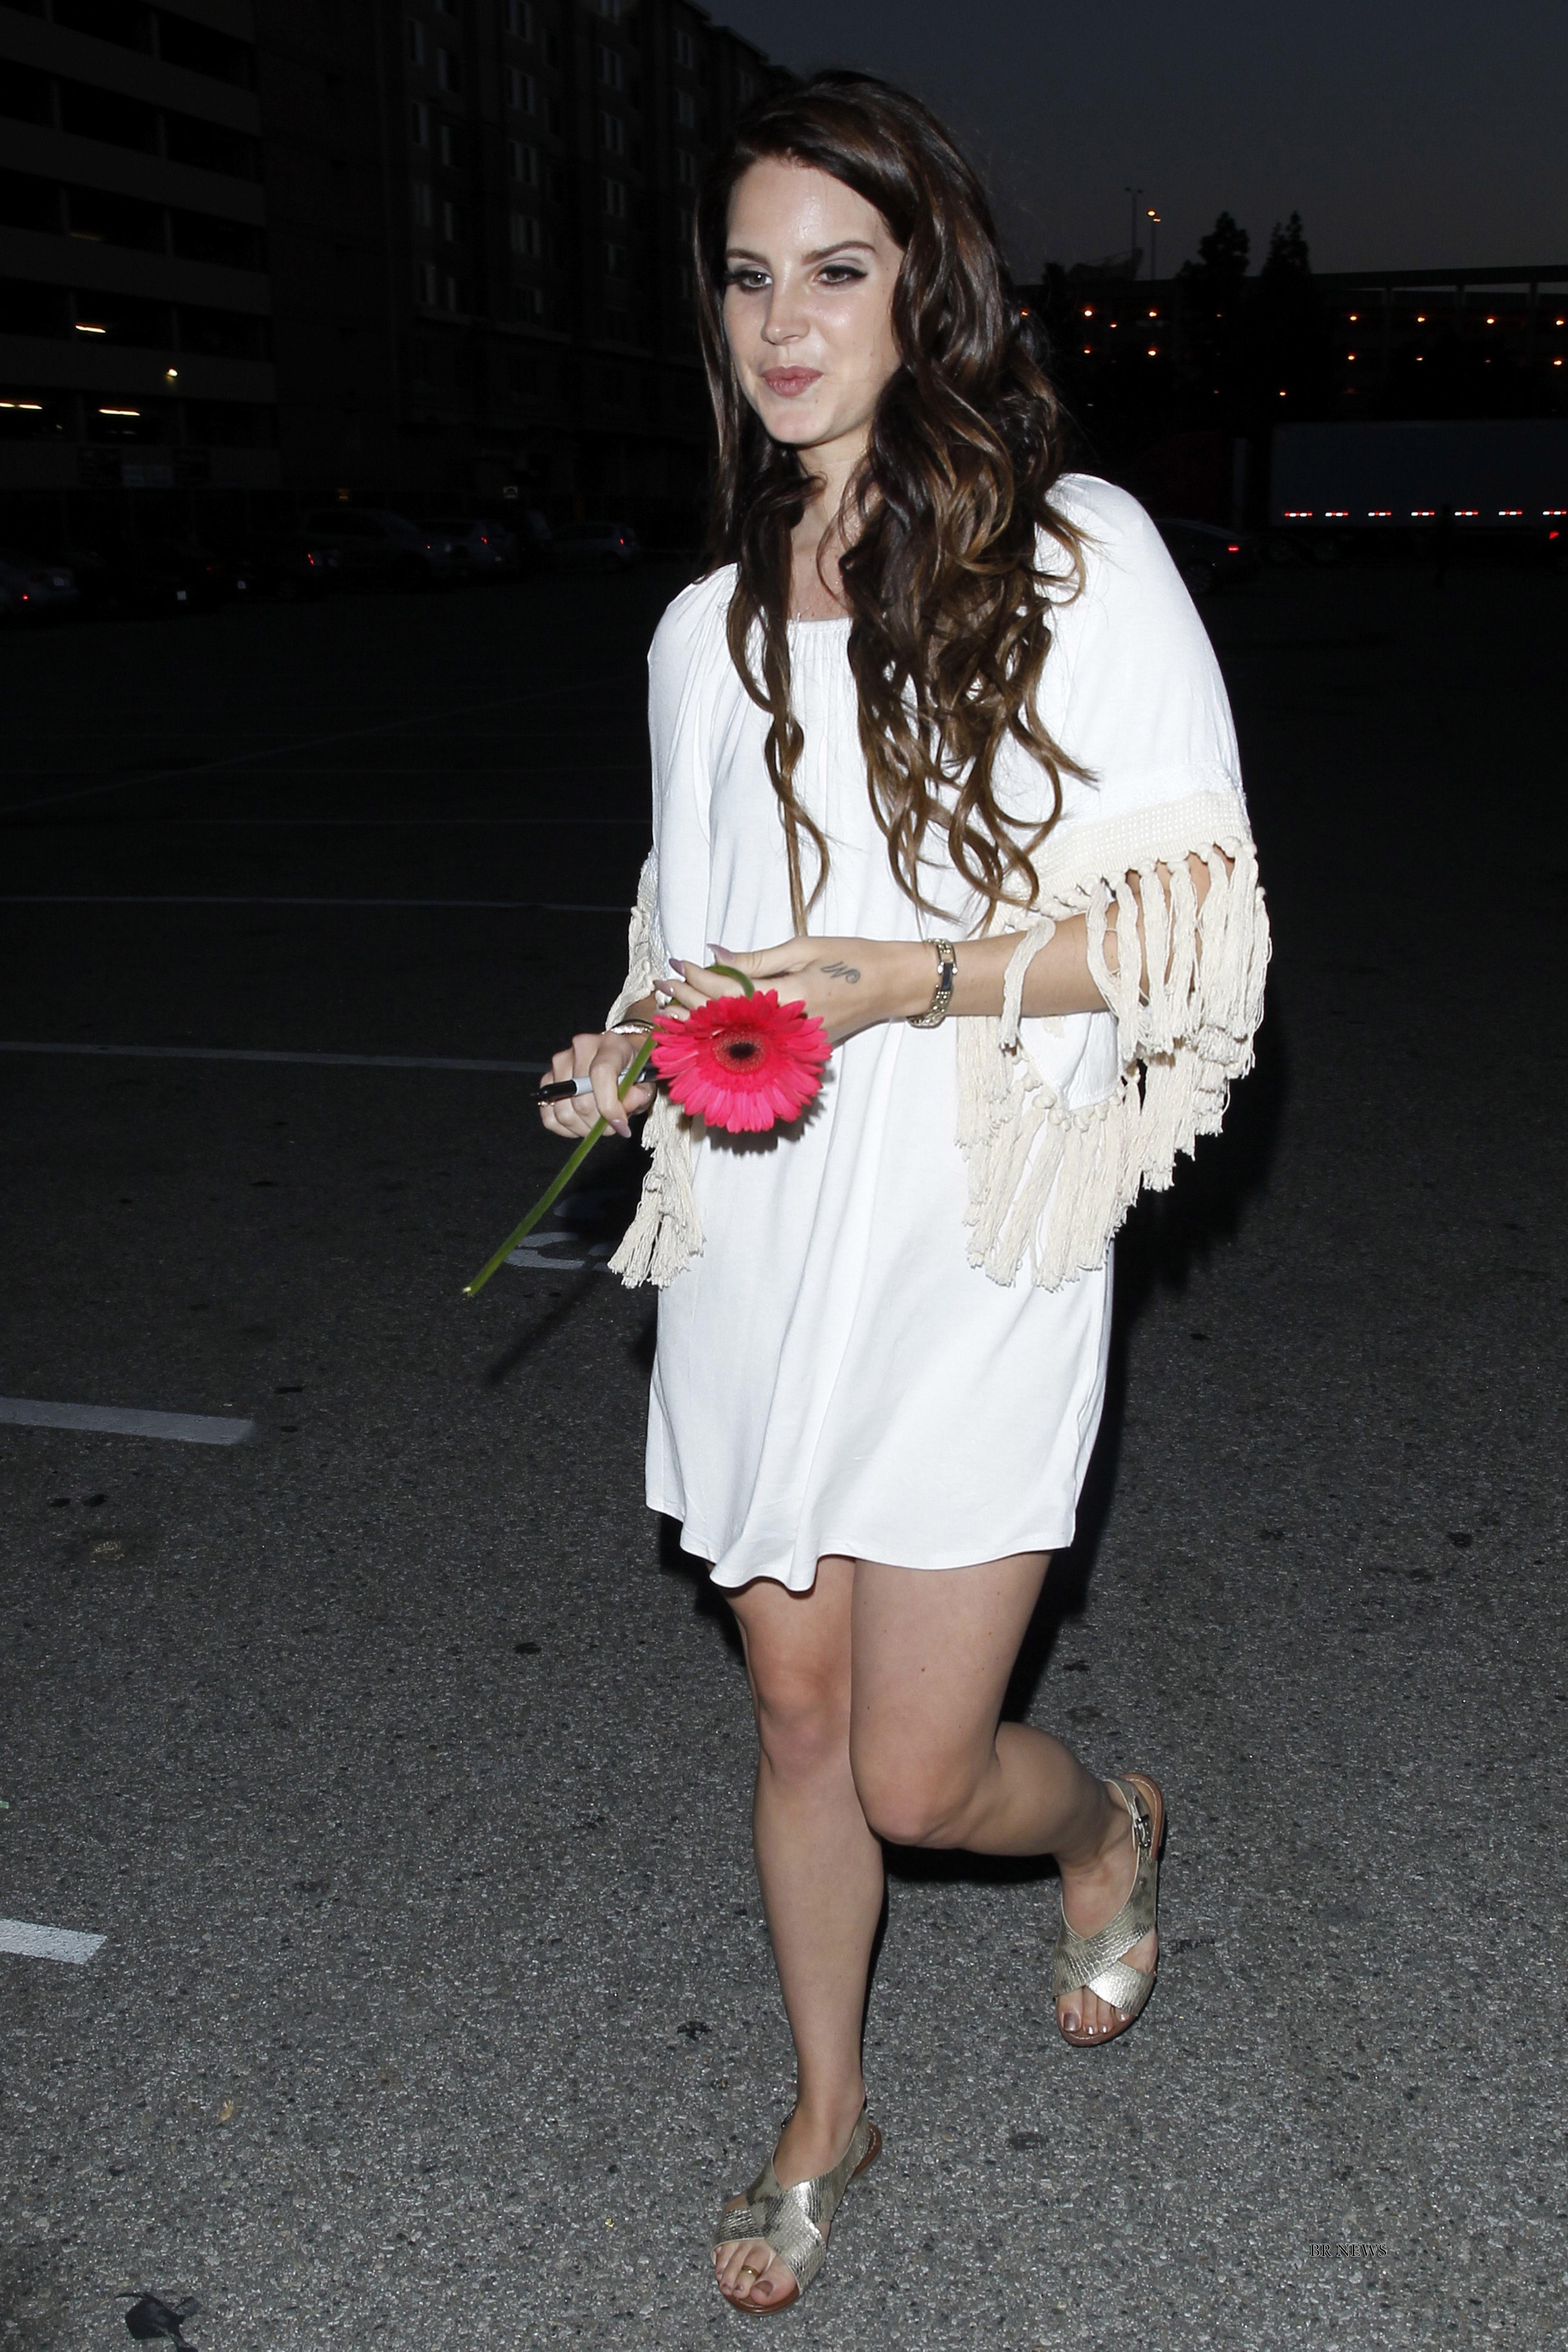 Lana Del Rey By Chris Nicholls For Fashion Magazine: 3744 X 5616 Id. 1369182